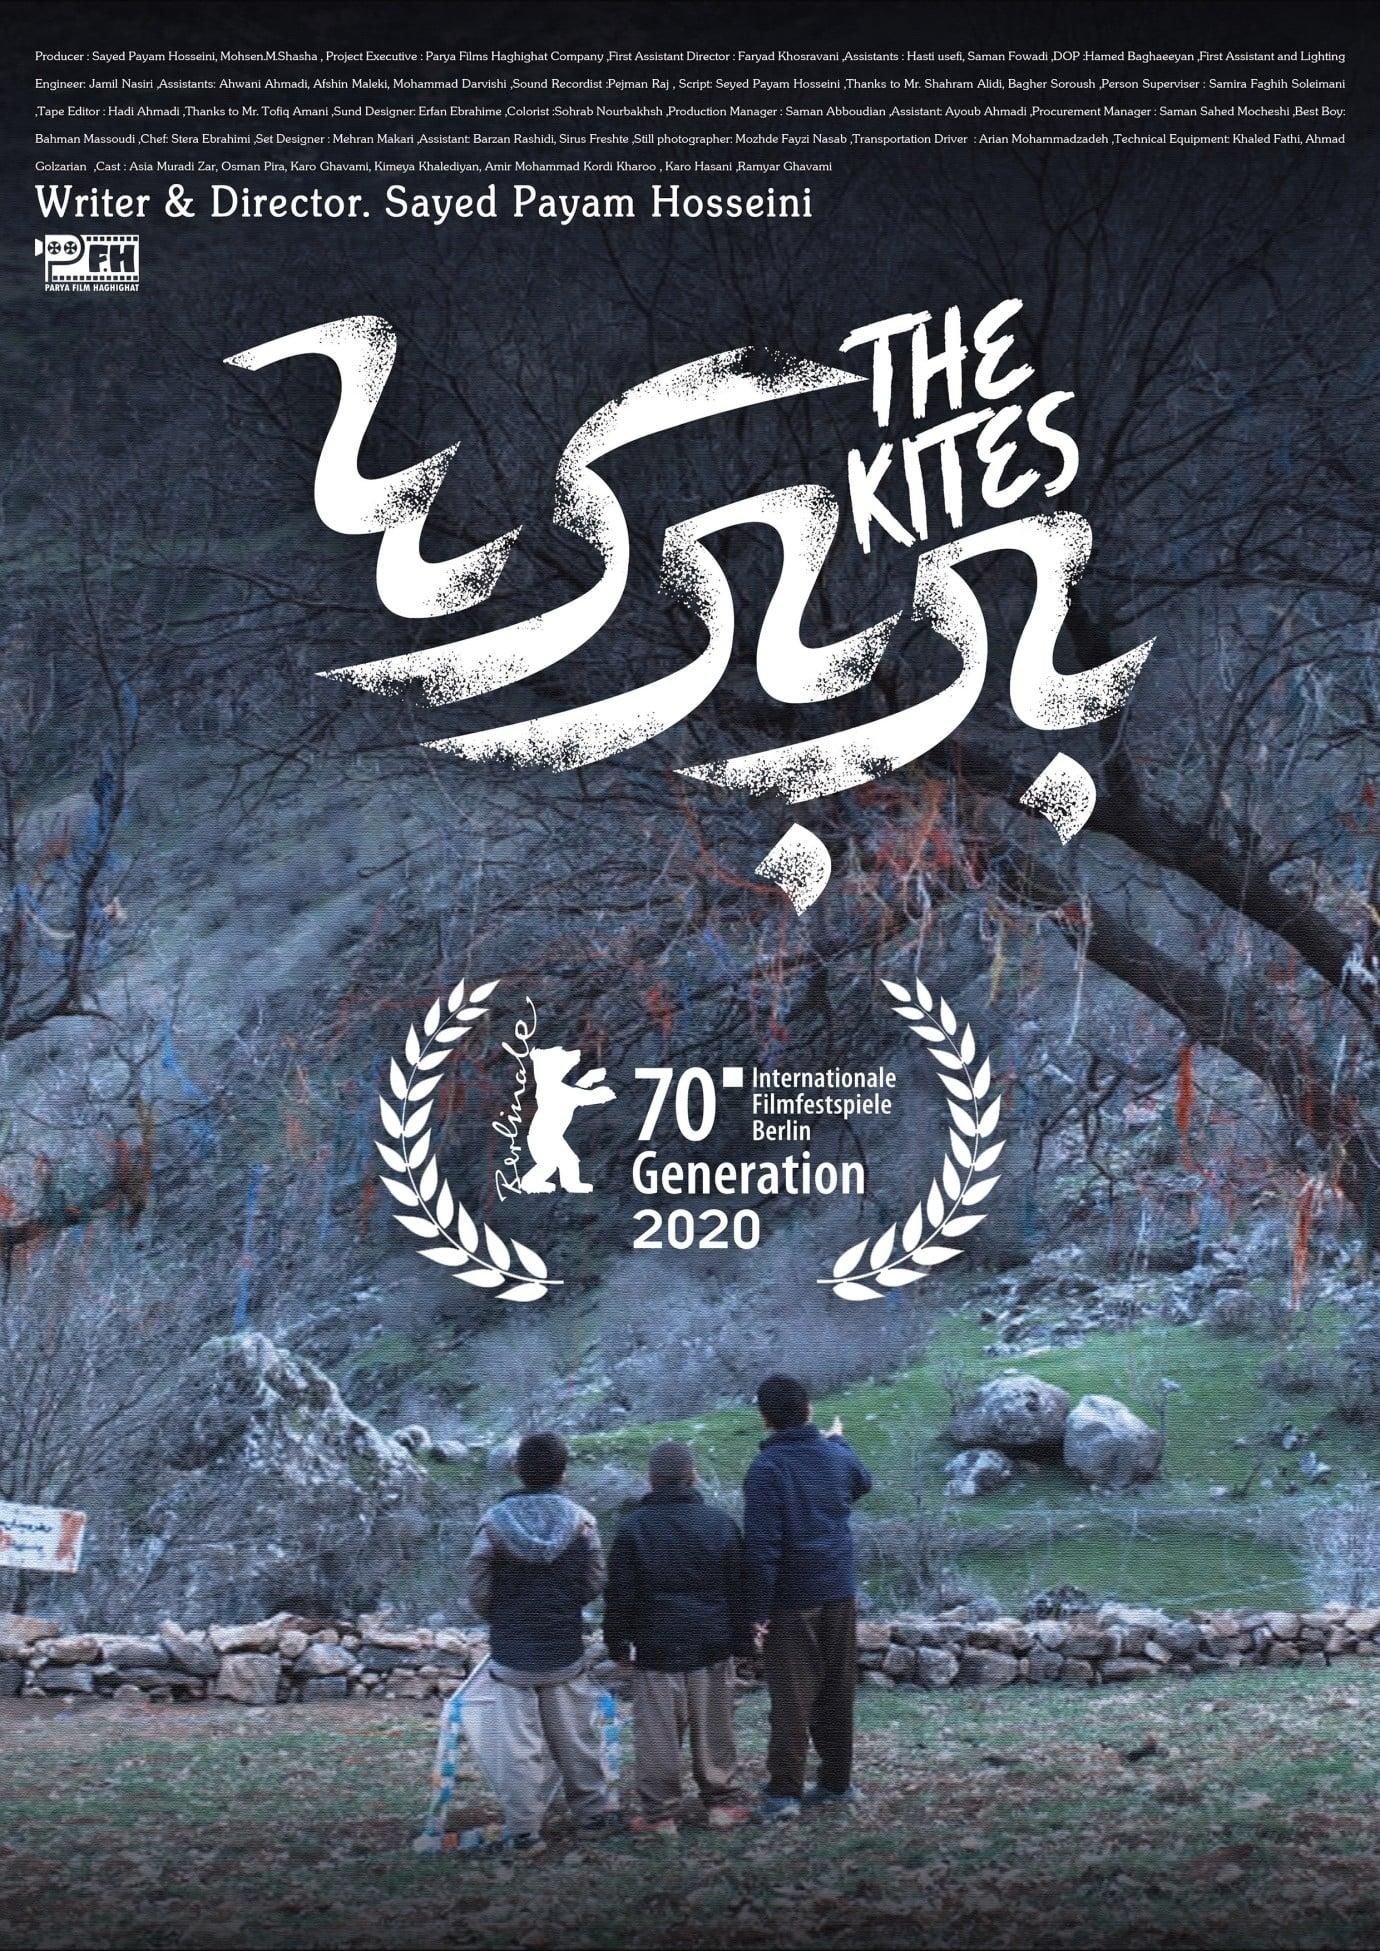 The Kites (2020)